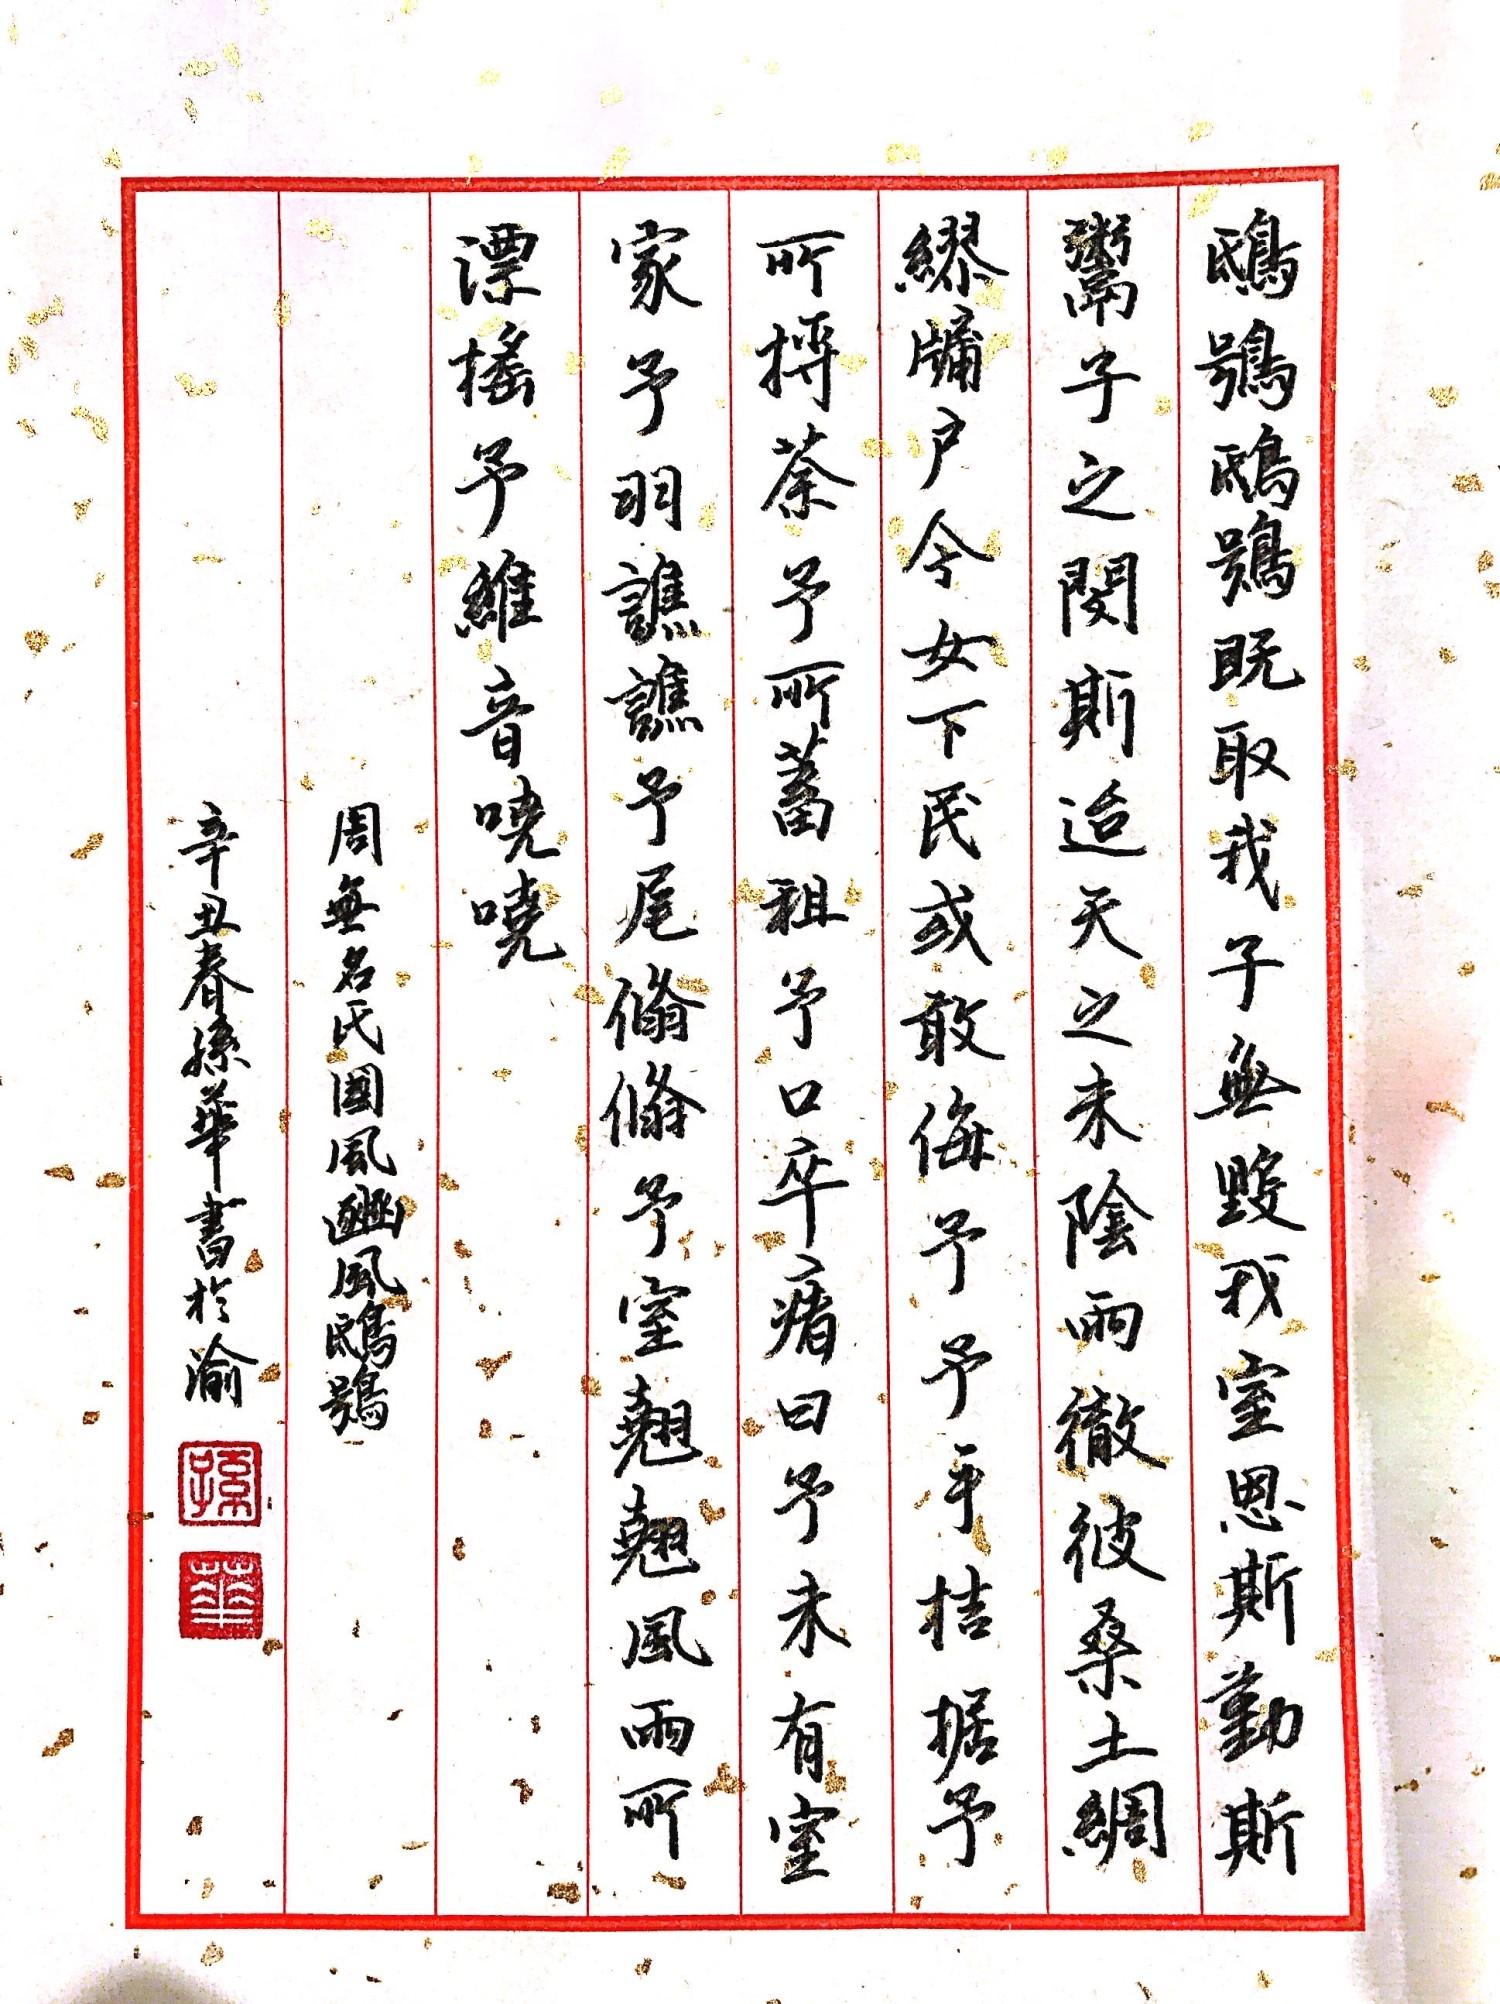 钢笔书法练字打卡20210427-07